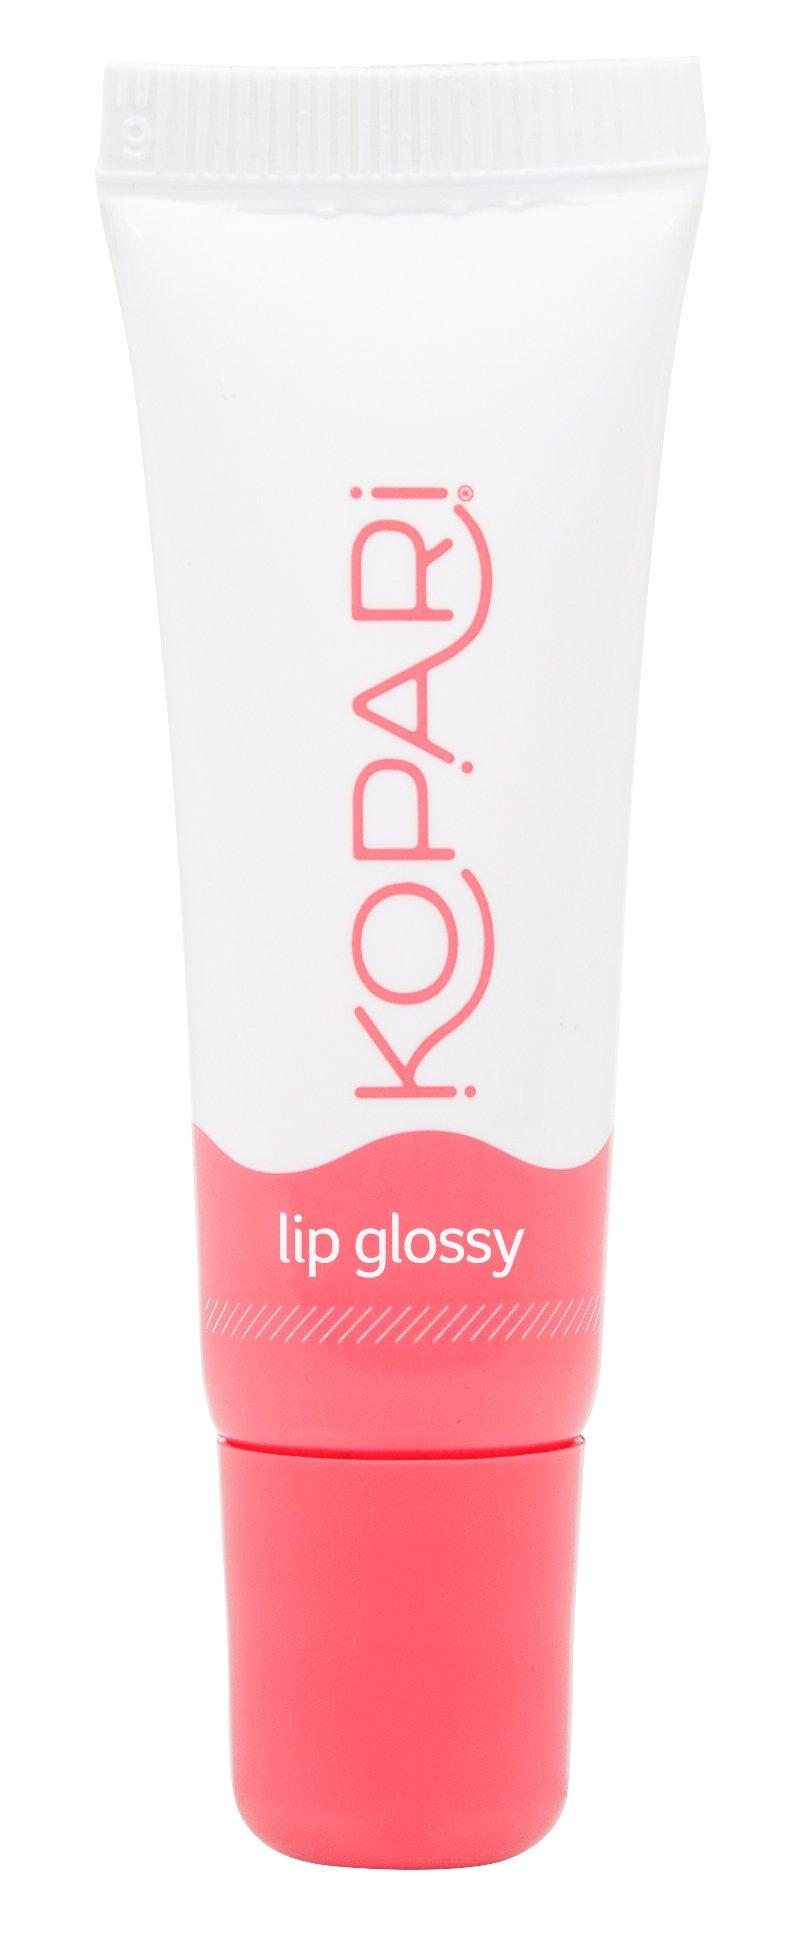 Kopari Coconut Lip Glossy- Hydrating and Moisturizing Coconut Oil, Vitamin E and Shea Butter Lip Gloss With 100% Organic Coconut Oil, Non GMO, Vegan, Cruelty Free, Paraben Free, Sulfate Free 0.35 Oz